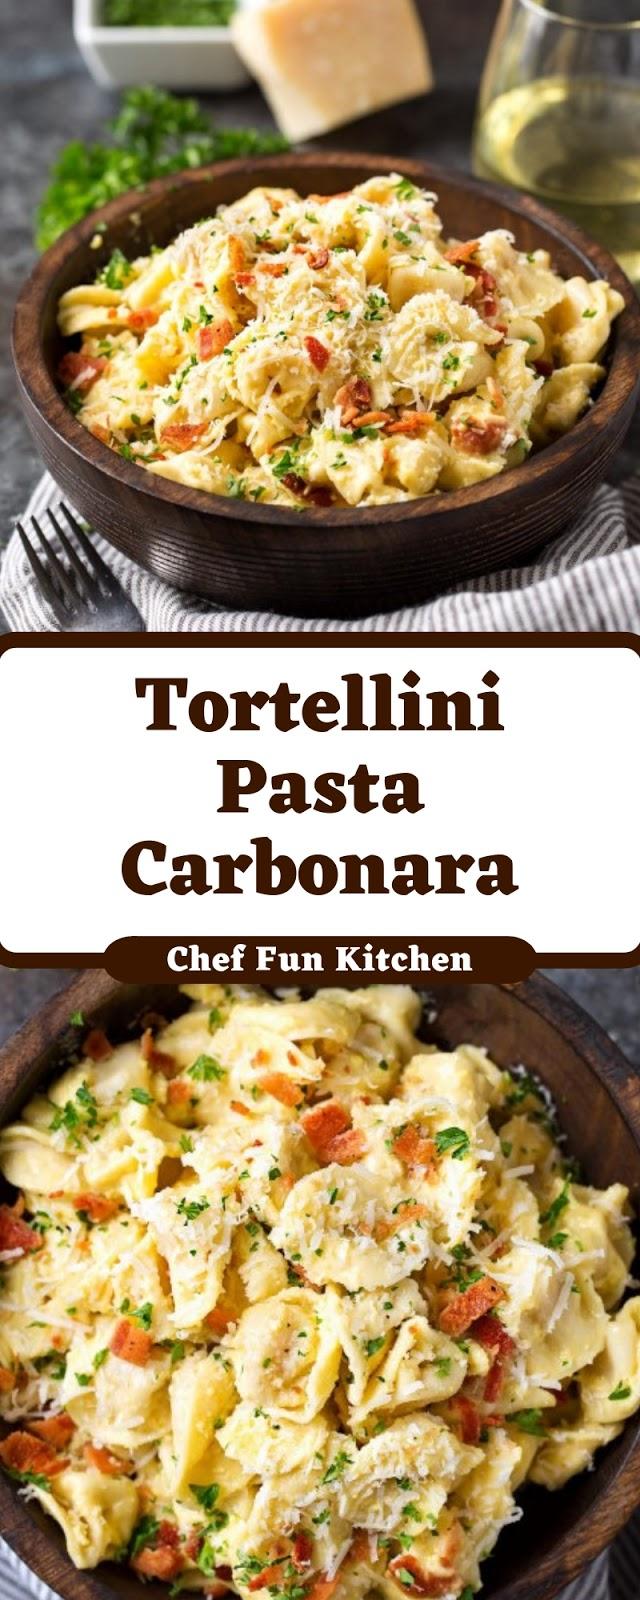 Tortellini Pasta Carbonara